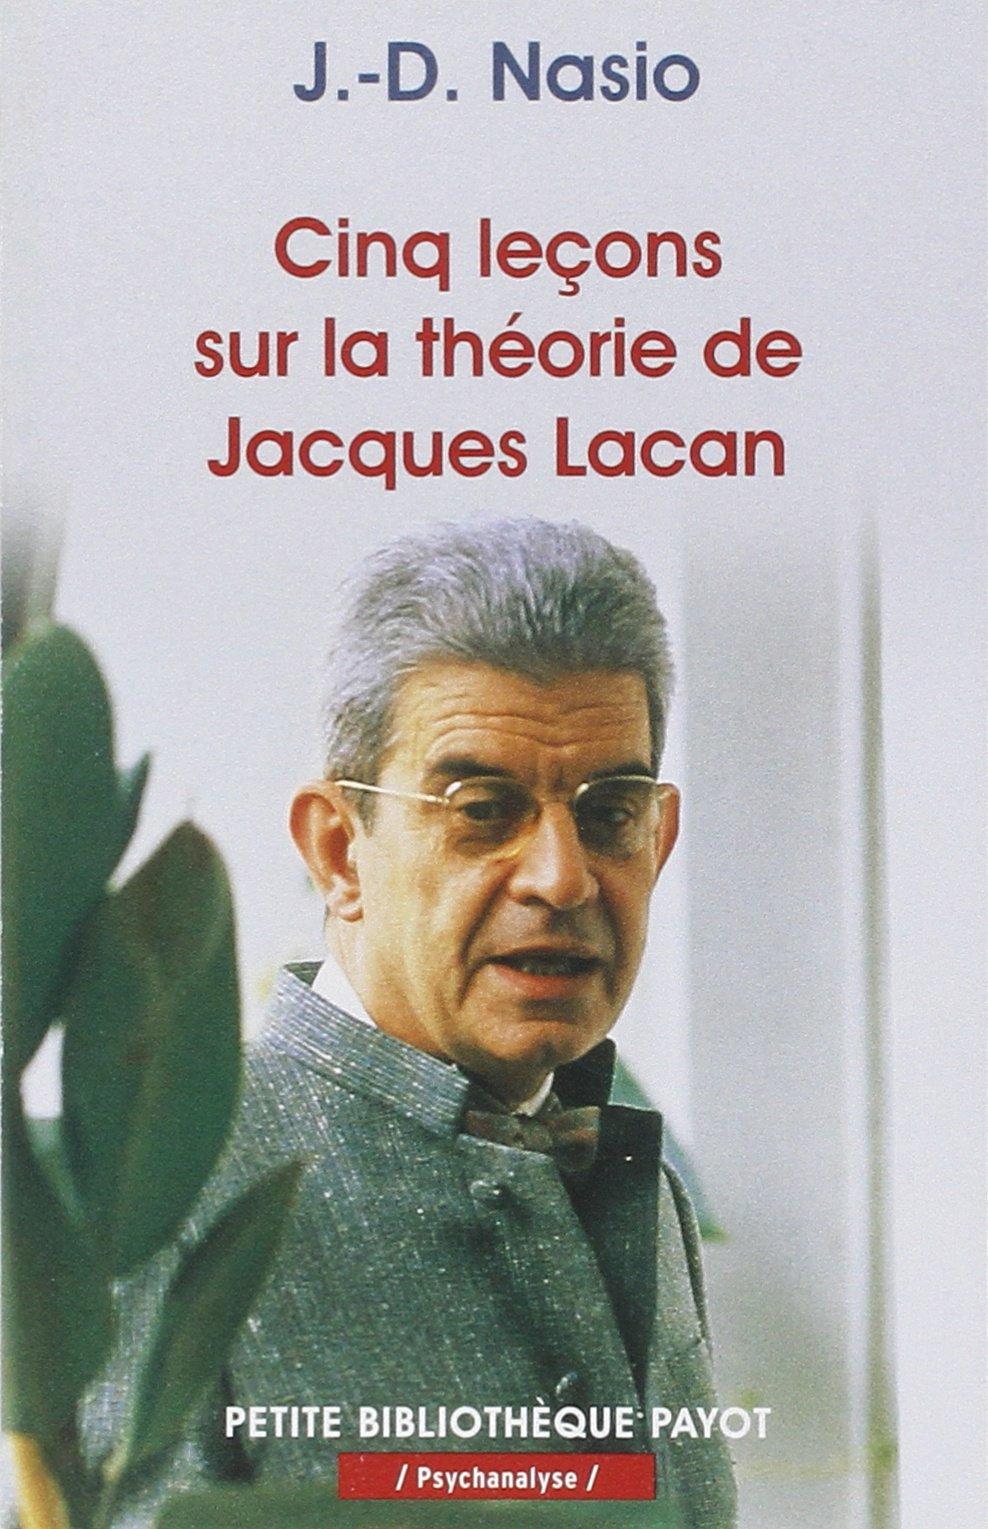 Cinq leçons sur la théorie de Jacques Lacan - J.-D. NASIO